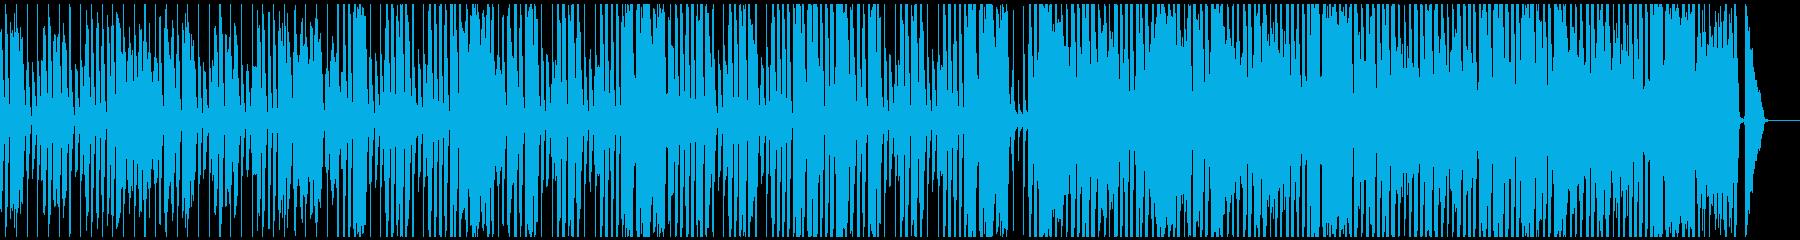 CMに楽しいBGM ピアノ、口笛、手拍子の再生済みの波形